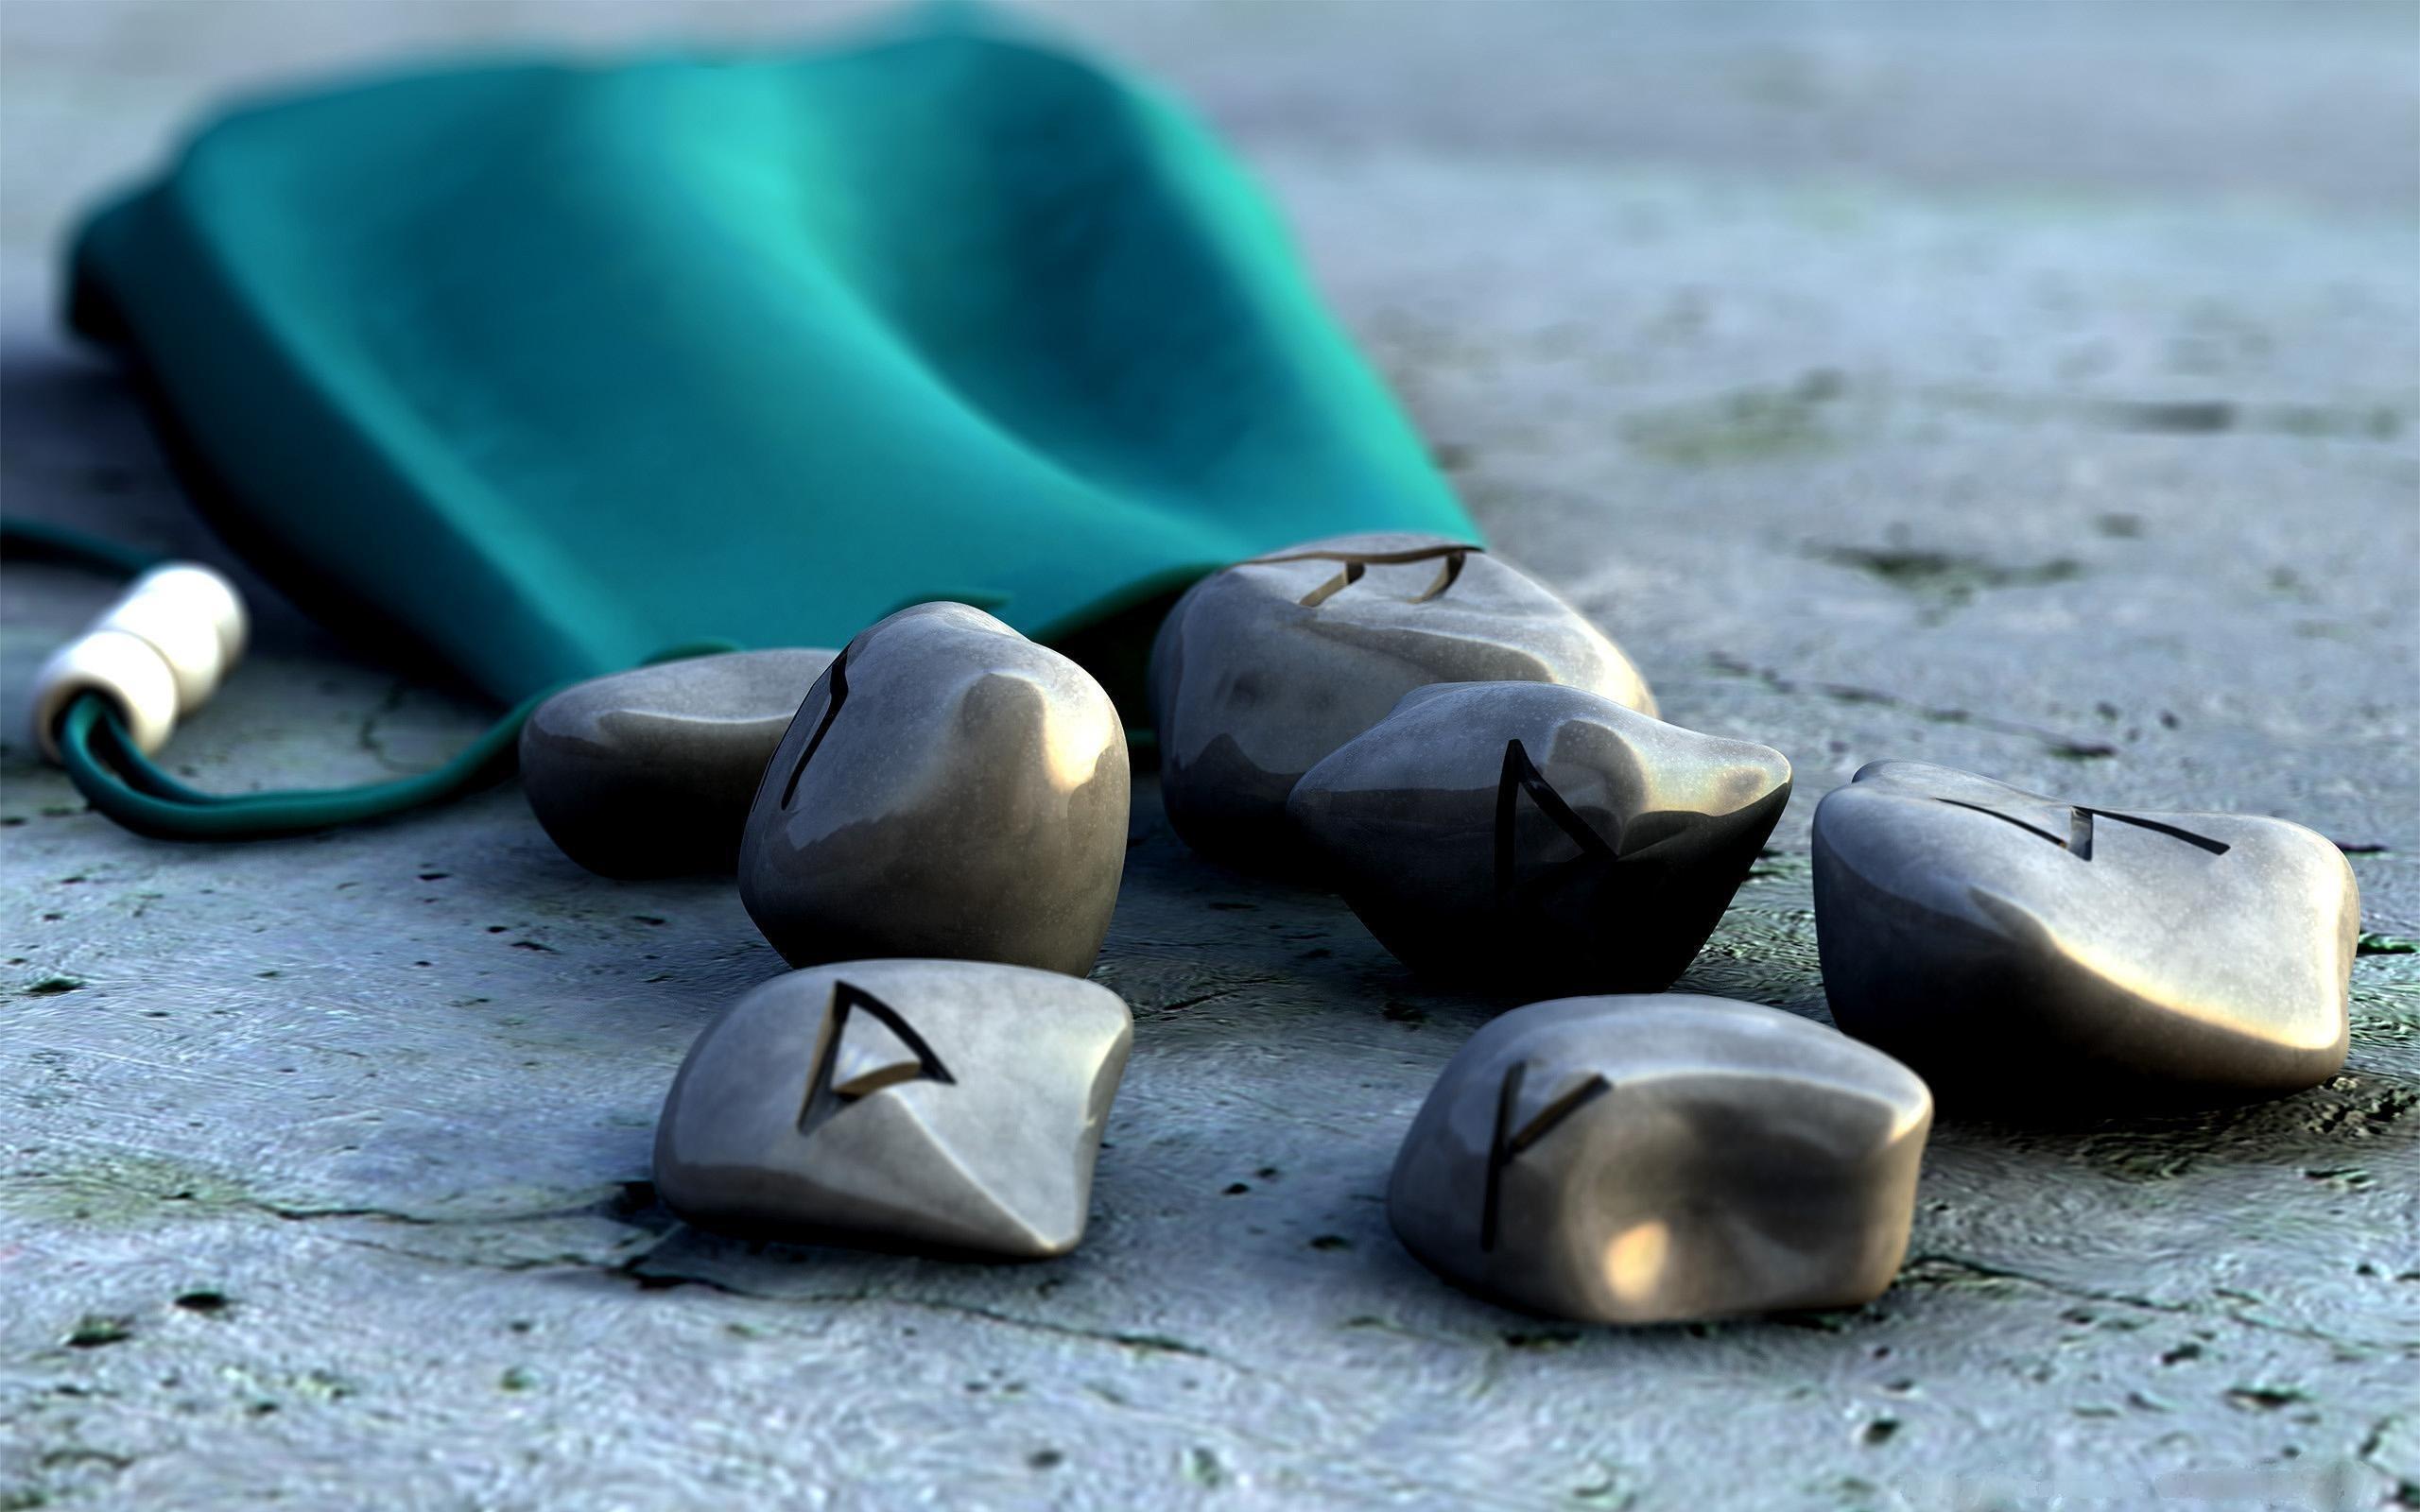 камни талисман скачать